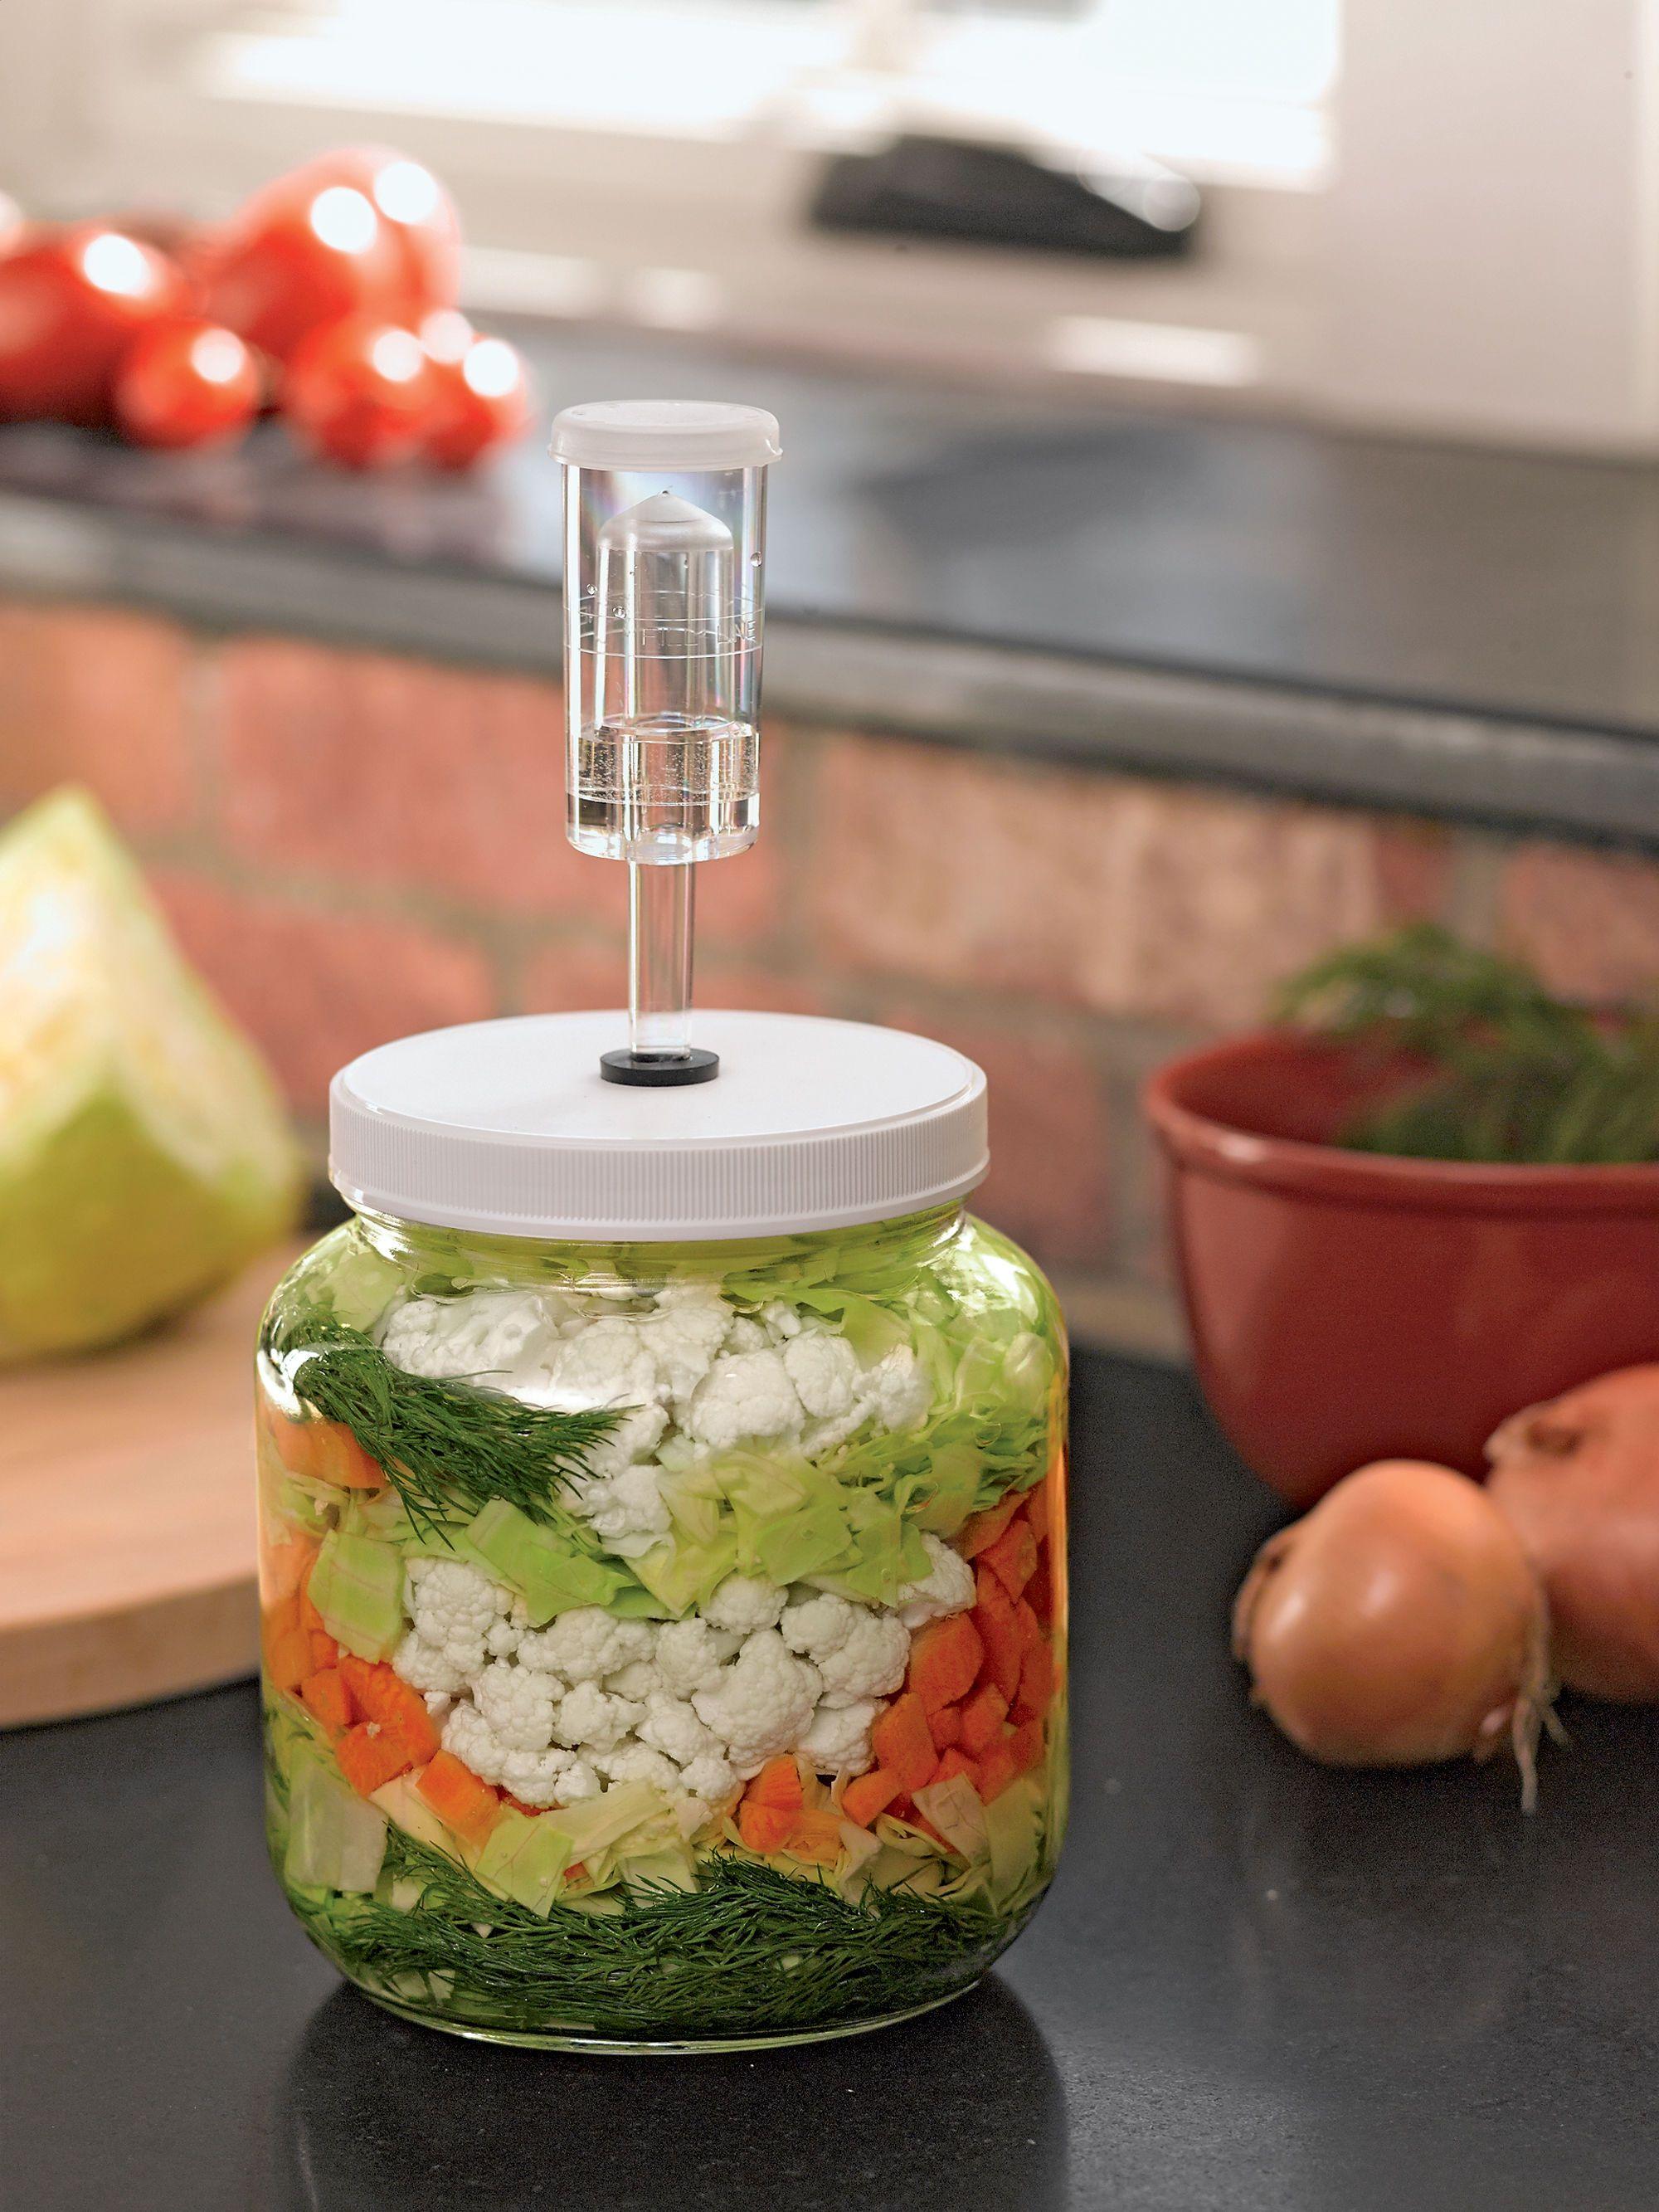 Jar Fermentation Kit for Pickles, Kimchi, +More Food